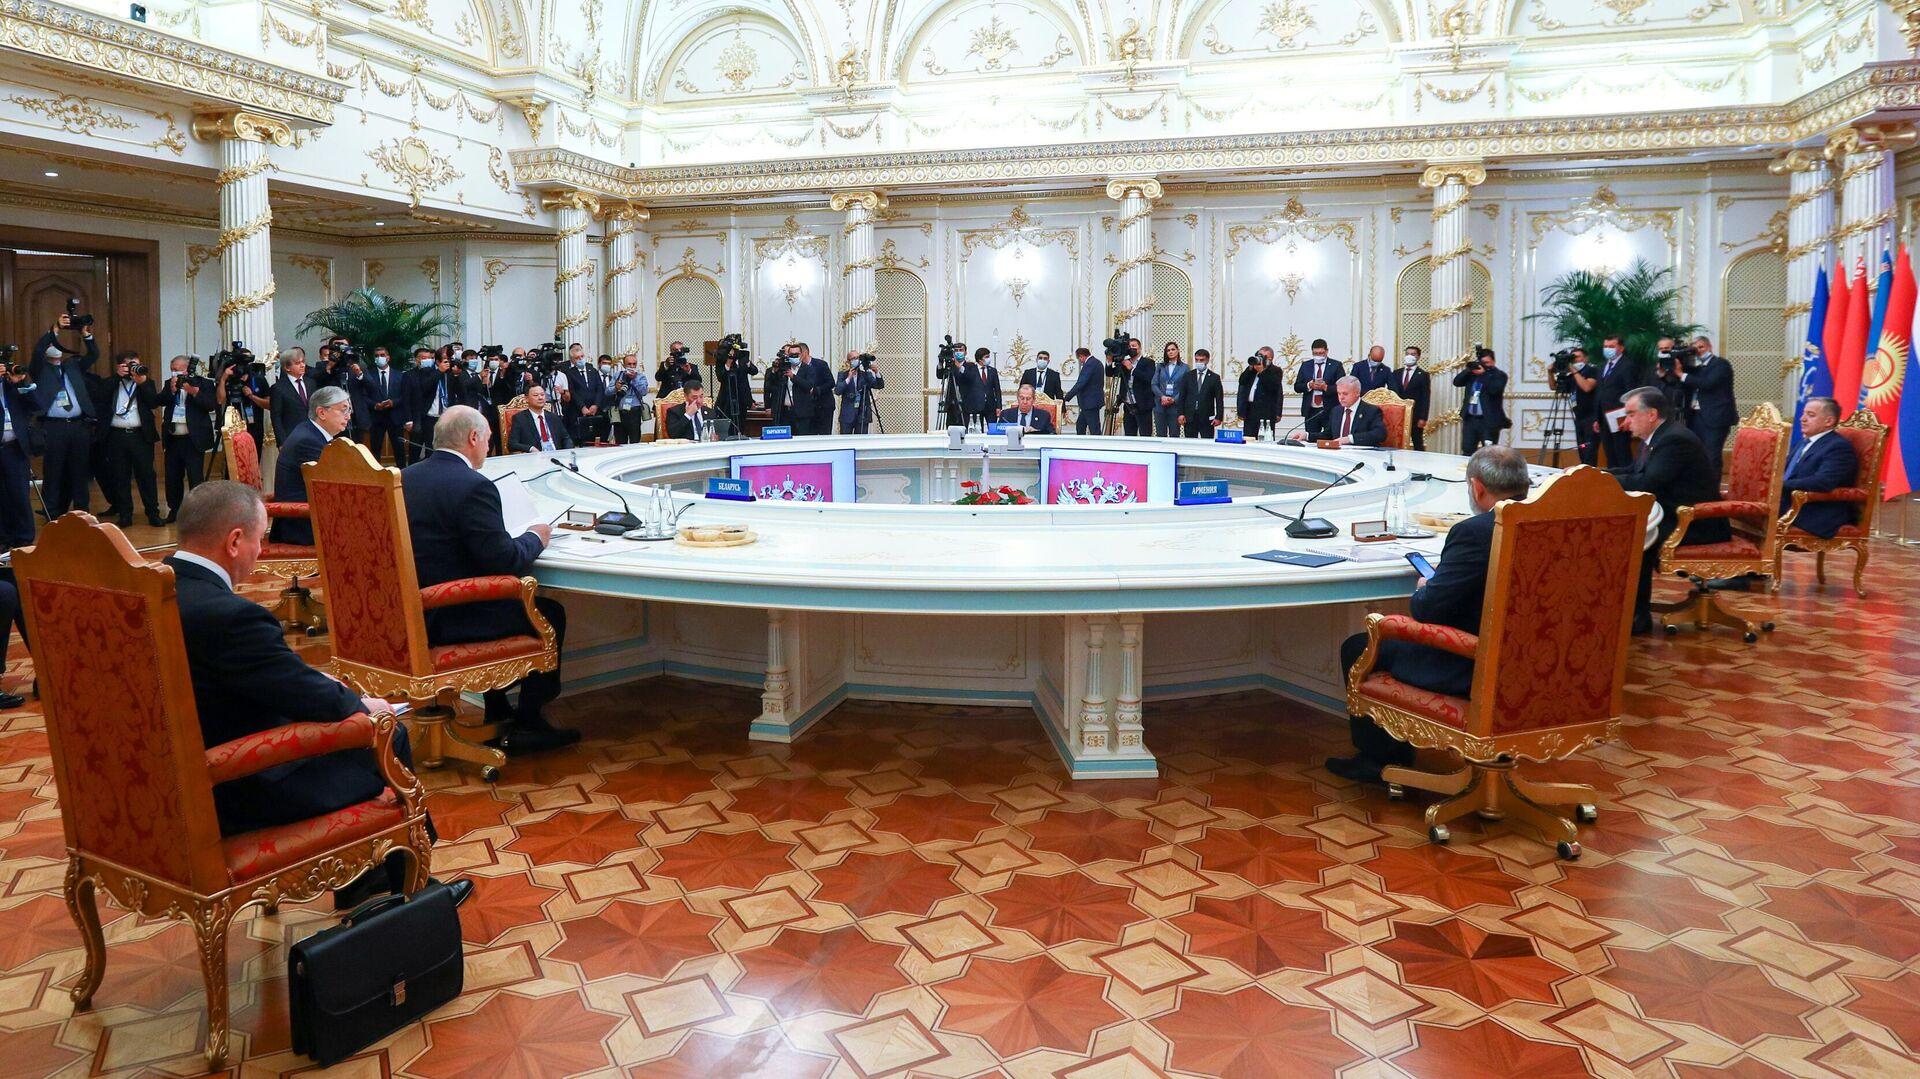 Заседание Совета коллективной безопасности ОДКБ - Sputnik Грузия, 1920, 16.09.2021